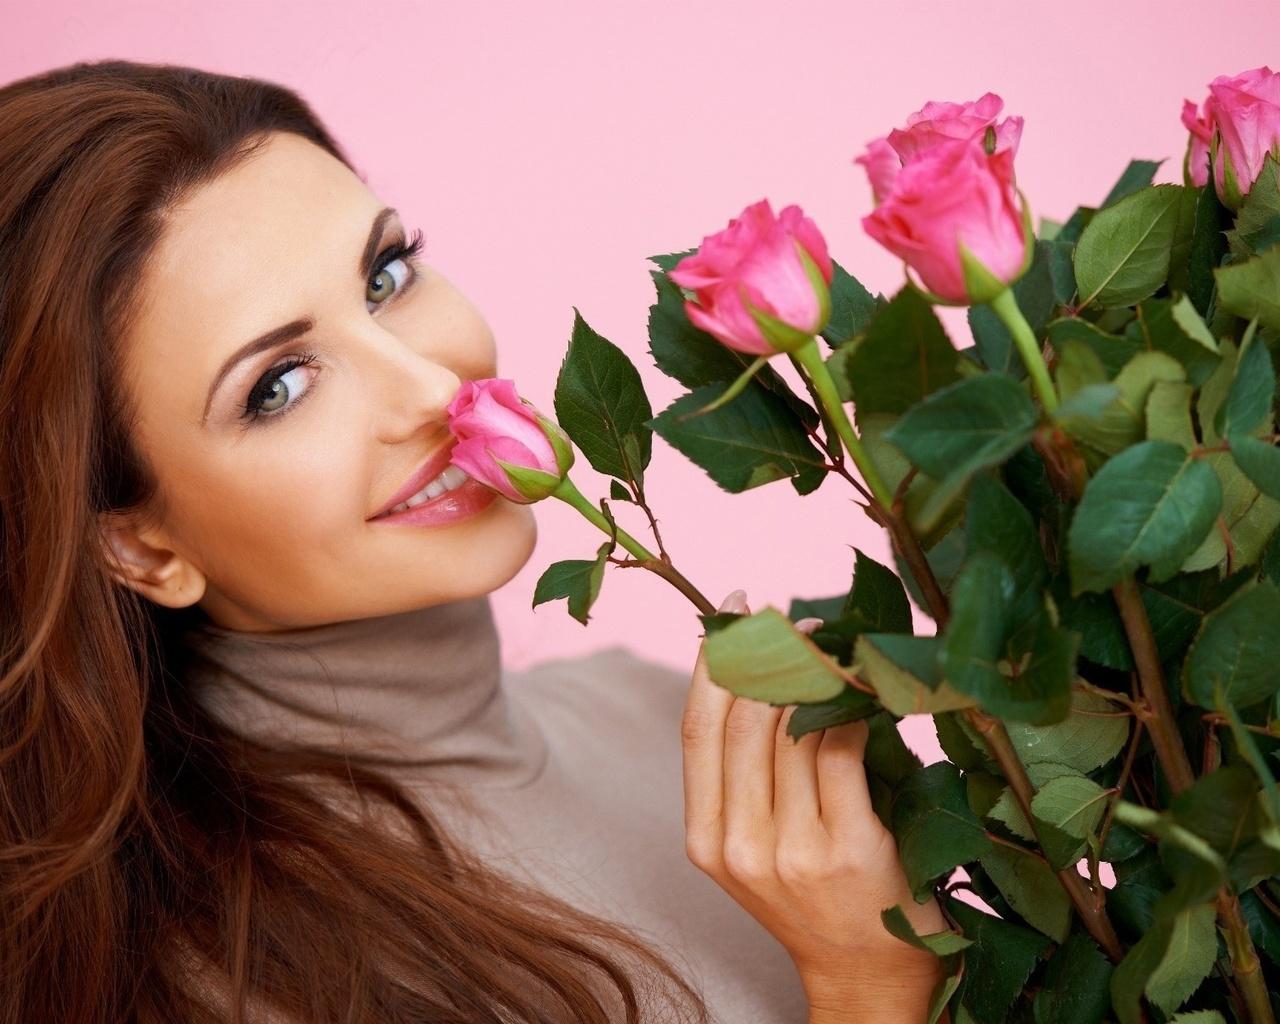 Ты прекрасна картинки женщине, открытку красиво